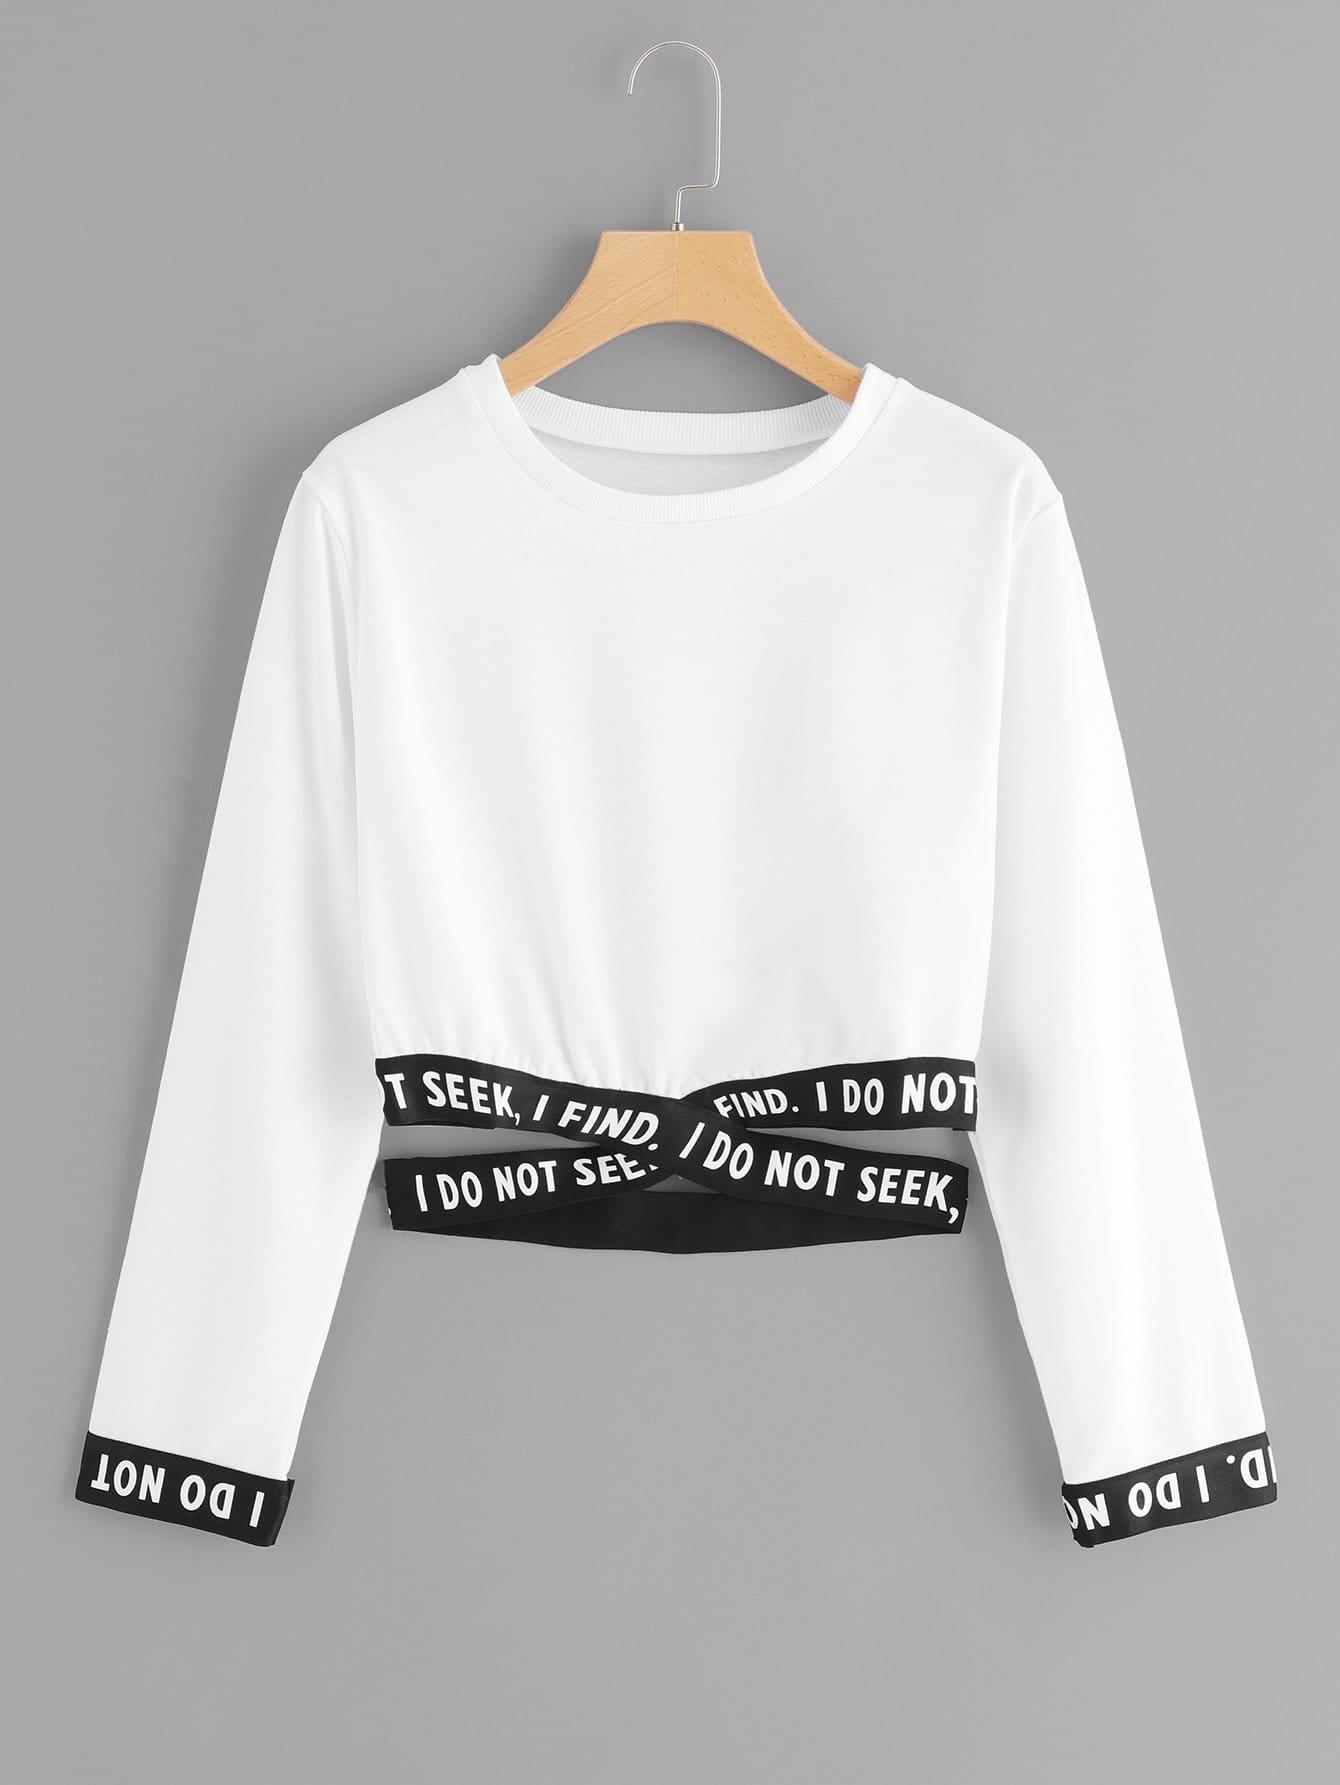 Купить Повседневный Текст крест на крест Пуловеры Белый Свитшоты, null, SheIn